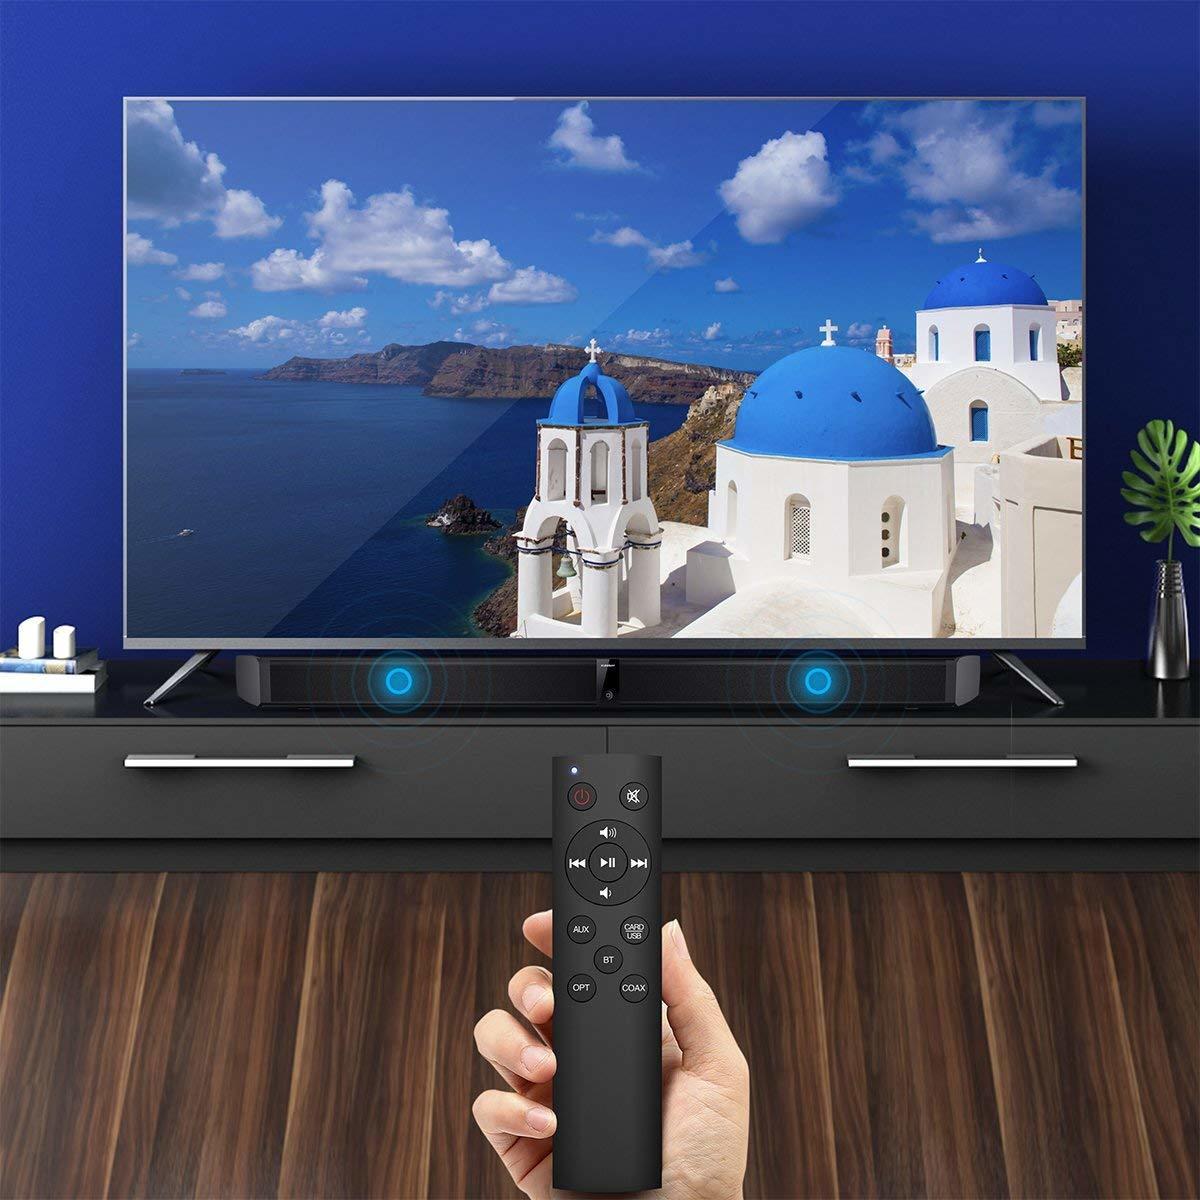 サウンドバー スピーカー ホームシアターシステム ワイヤレス フロントサラウンドシステム Bluetooth 高音質 重低音30W テレビ PC USB _画像2